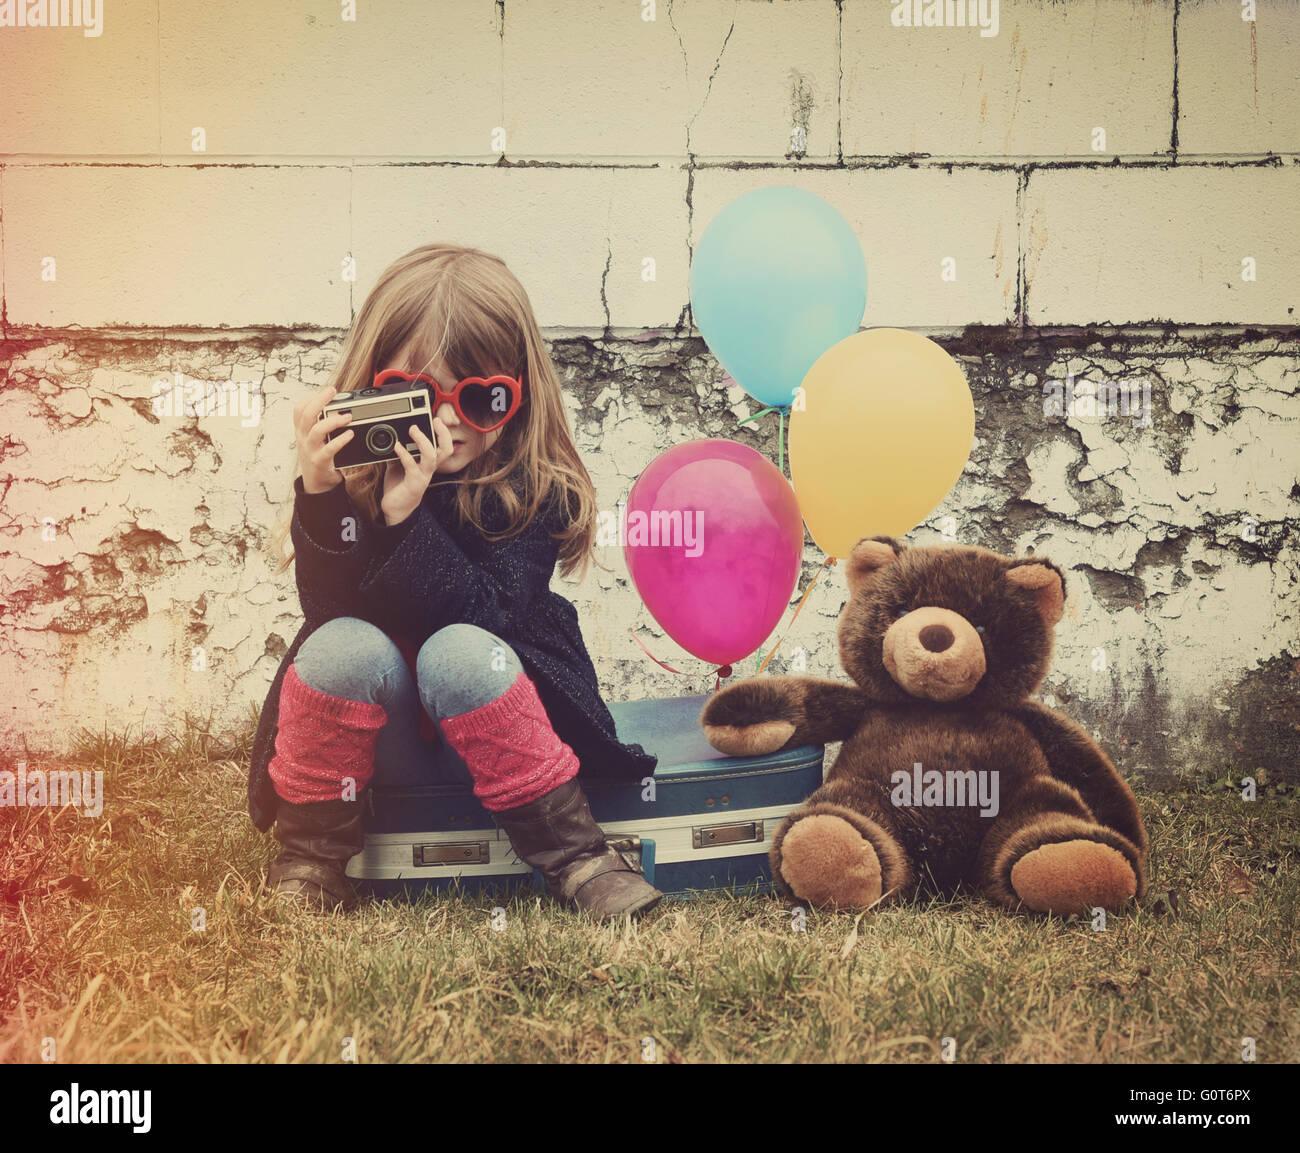 Ein Foto von einem Vintage Kind fotografieren mit alte Kamera gegen eine Mauer, Luftballons und ein Teddybär Stockbild